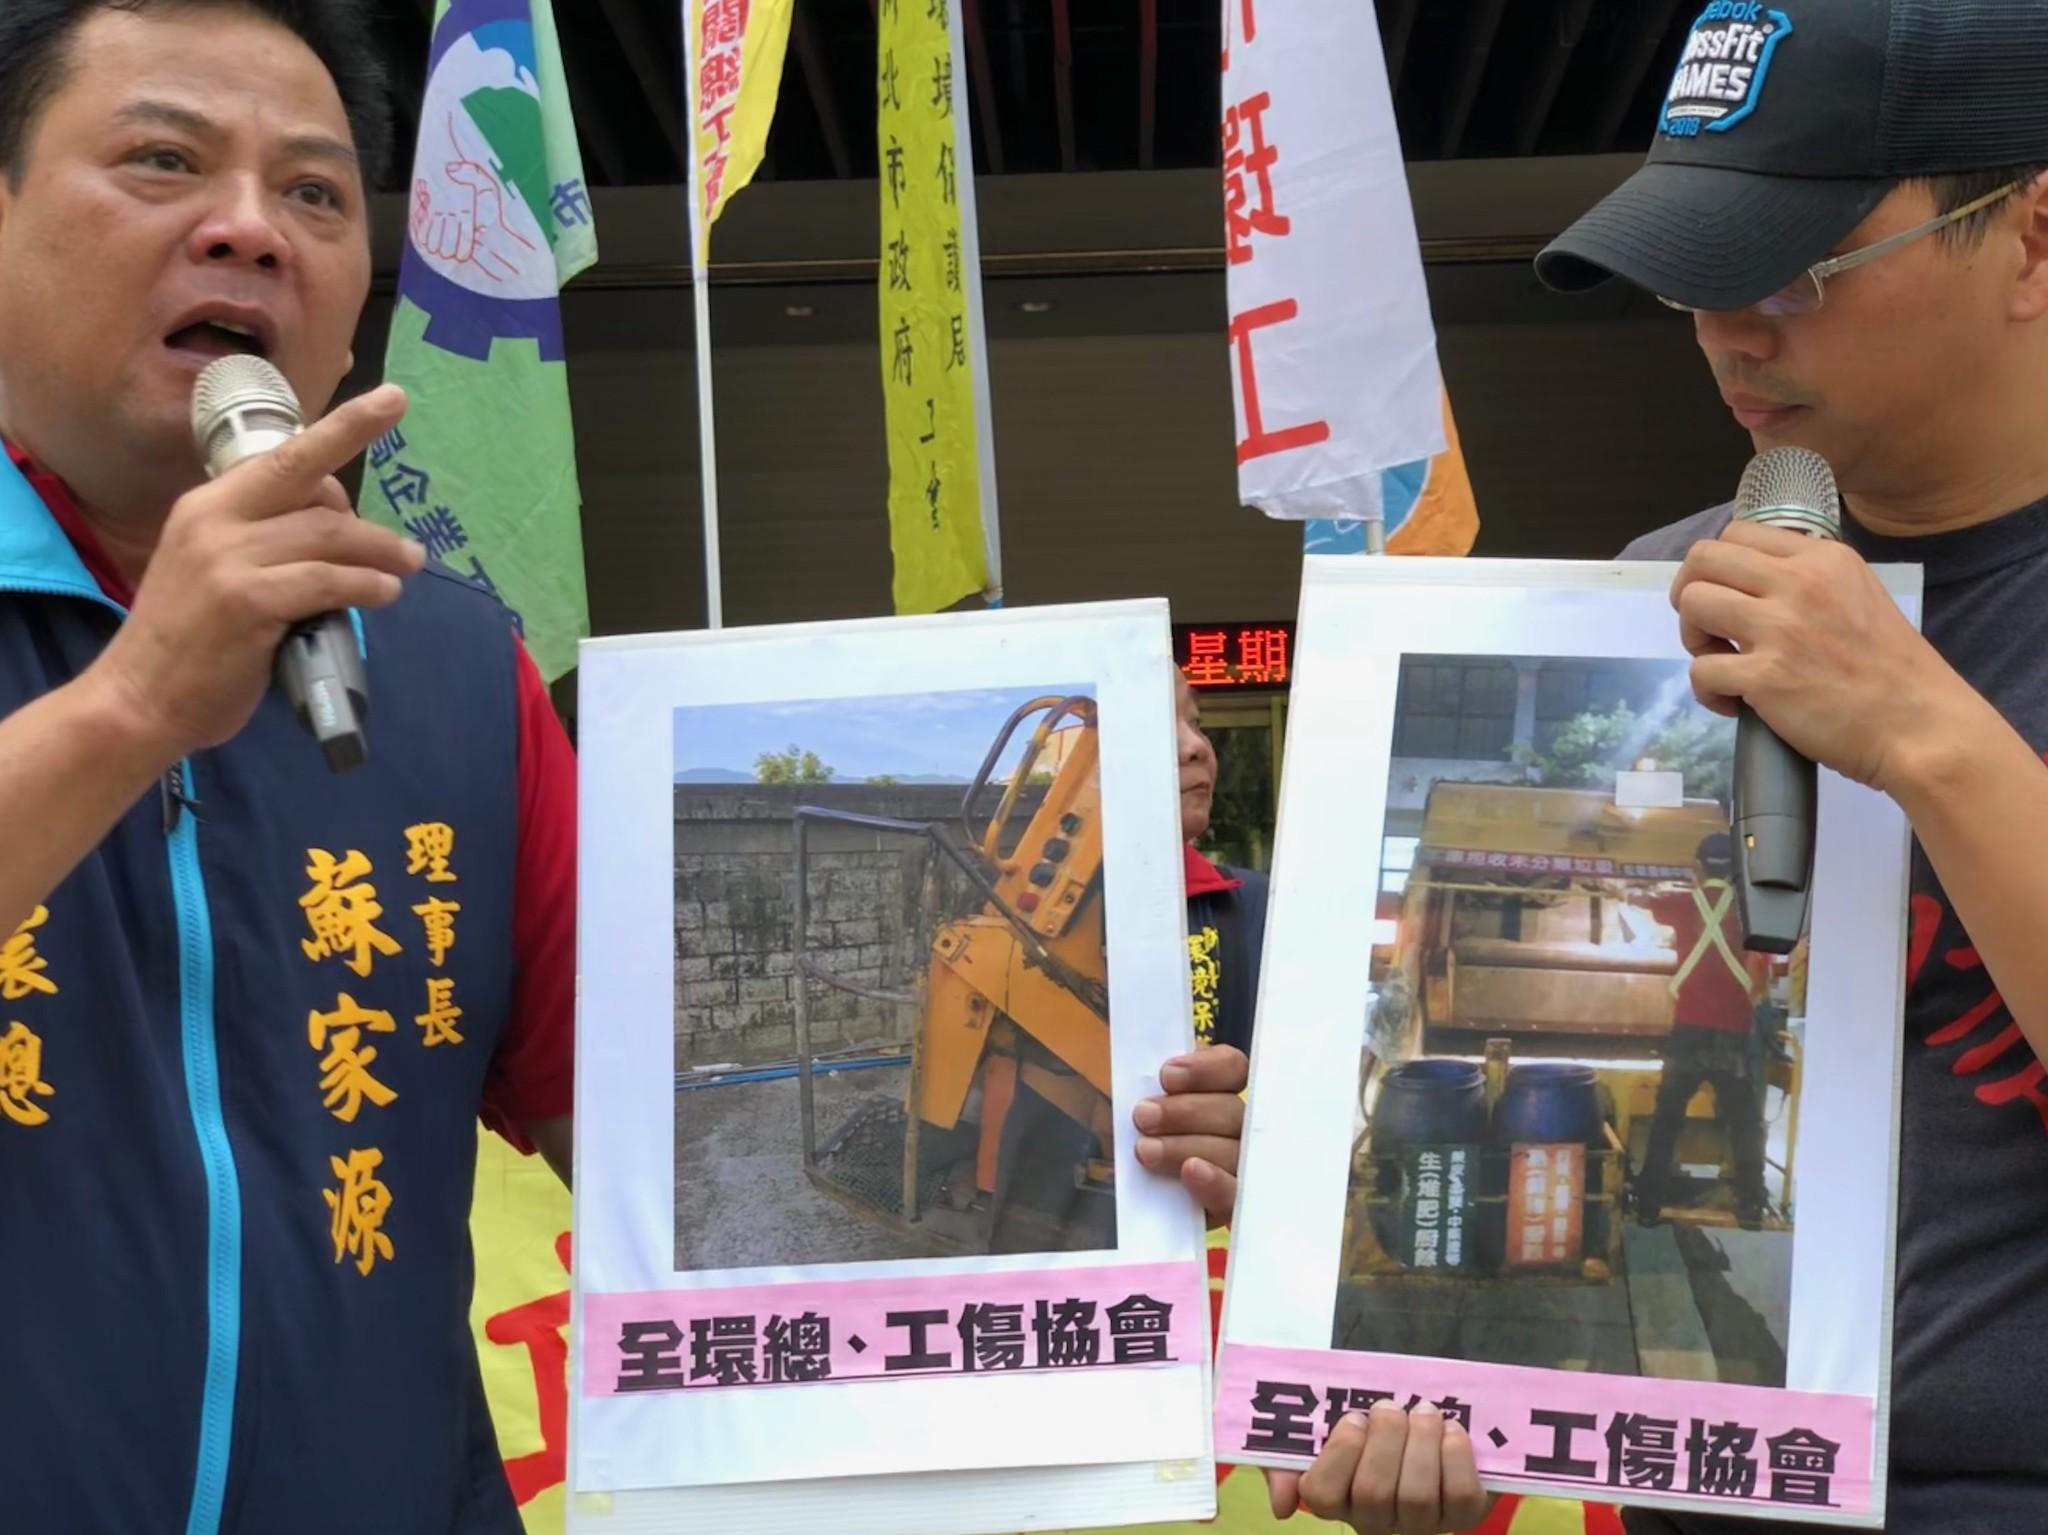 全環總理事長蘇家源現場出示垃圾車後斗的工作圖示。(攝影:王顥中)